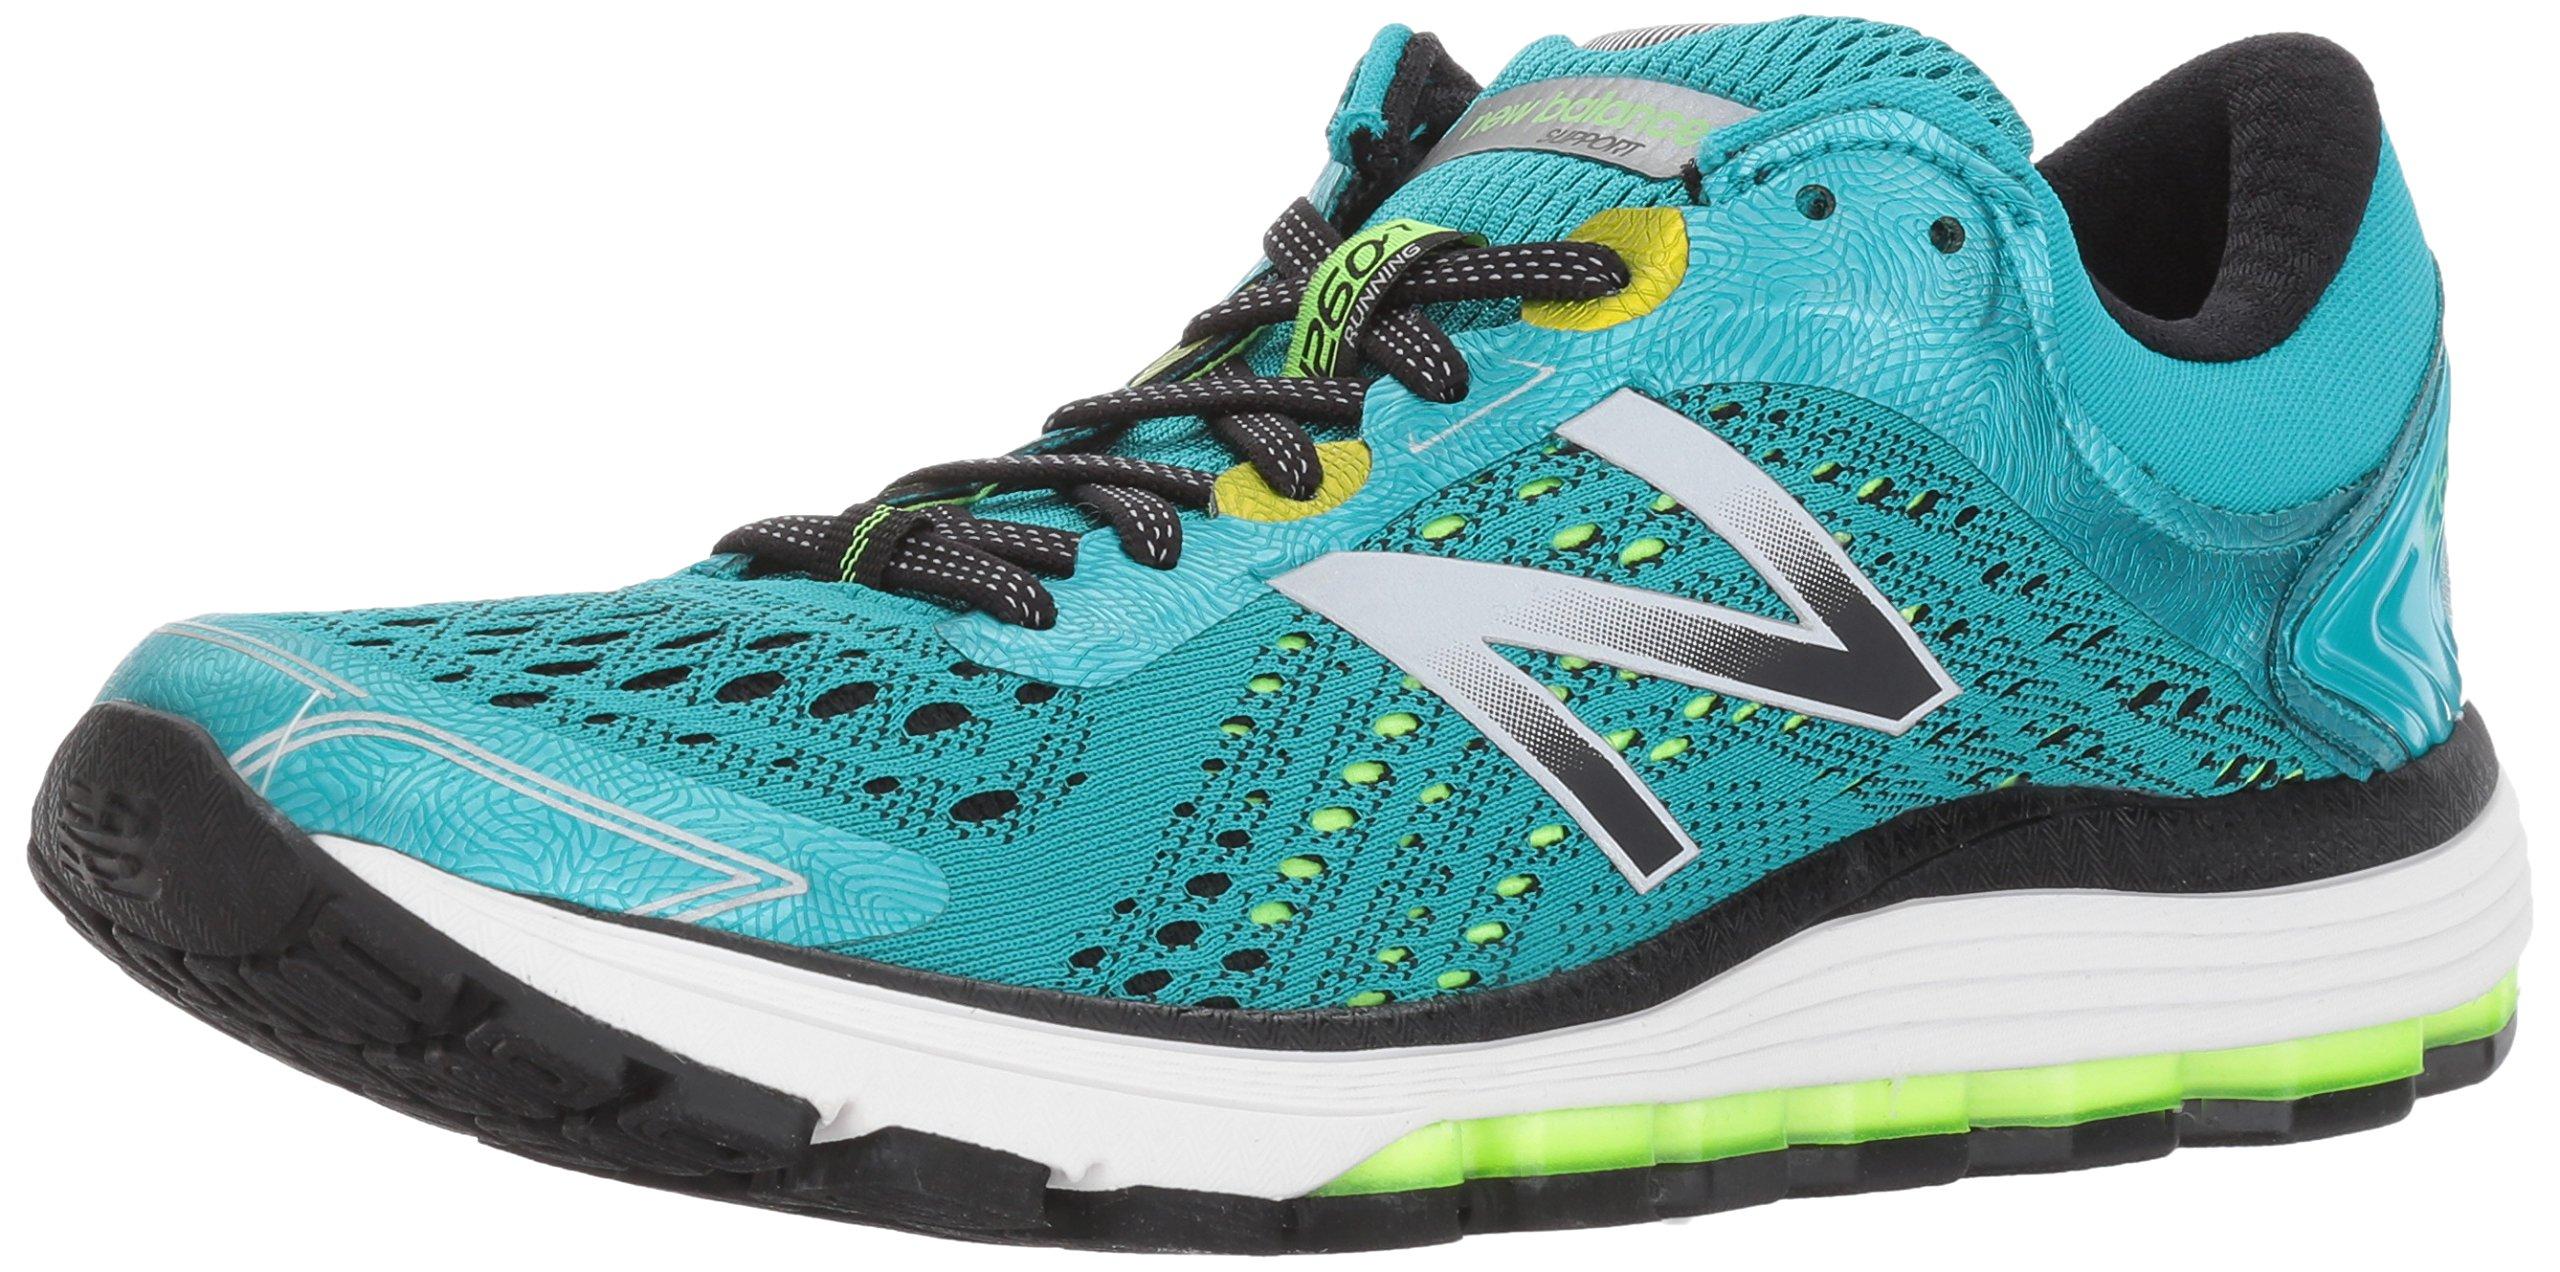 New Balance Women's 1260V7 Running Shoe, Pisces Blue/Lime Glo, 7 B US